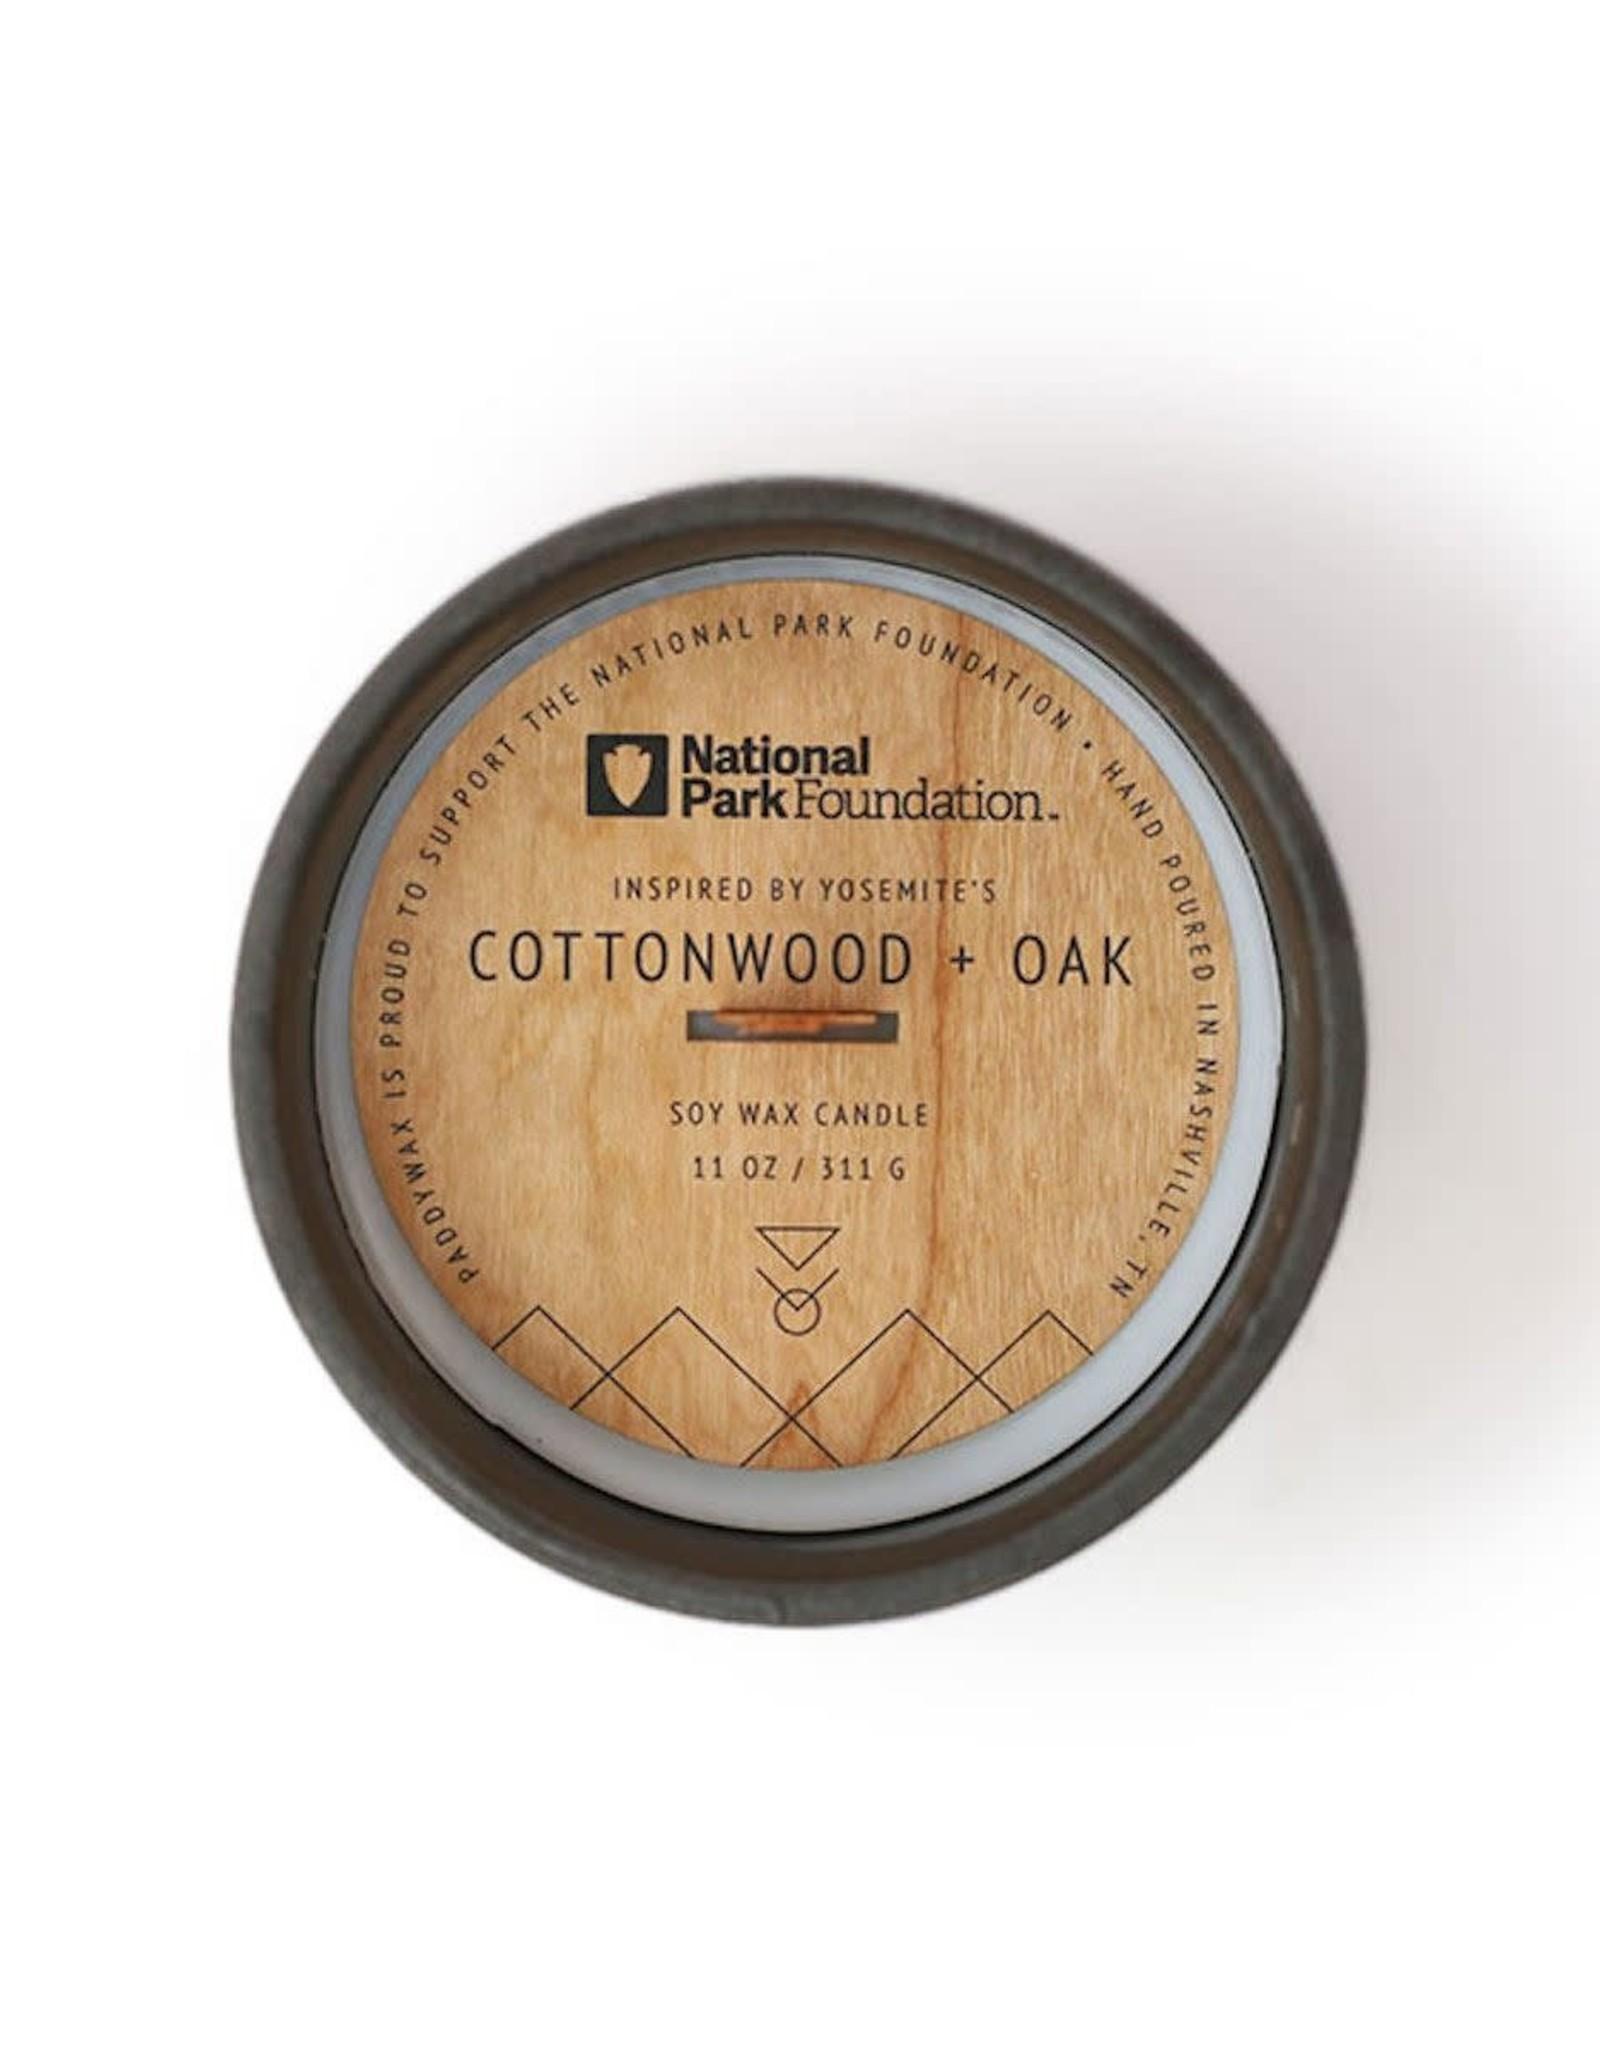 Yosemite - Cottonwood and Oak